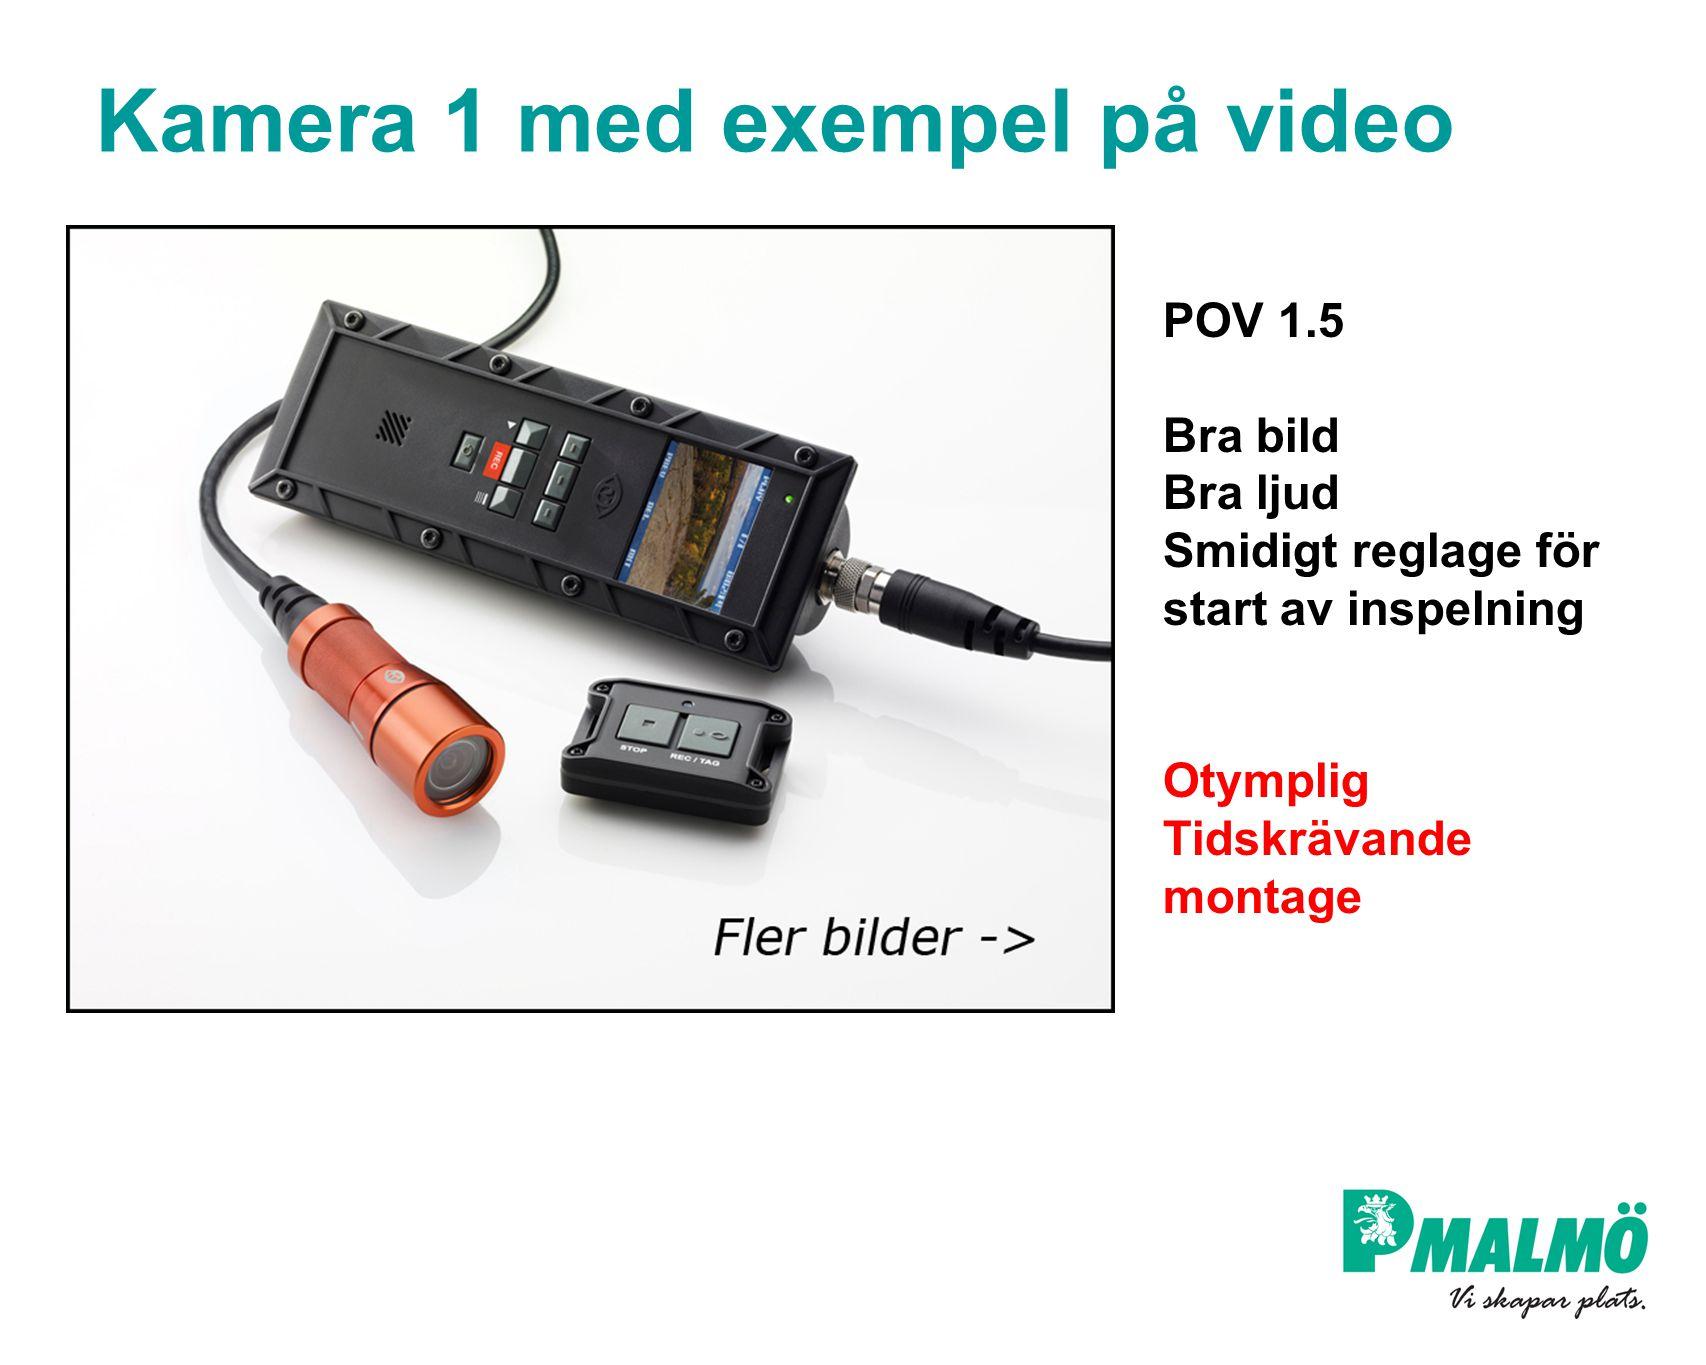 Kamera 1 med exempel på video POV 1.5 Bra bild Bra ljud Smidigt reglage för start av inspelning Otymplig Tidskrävande montage